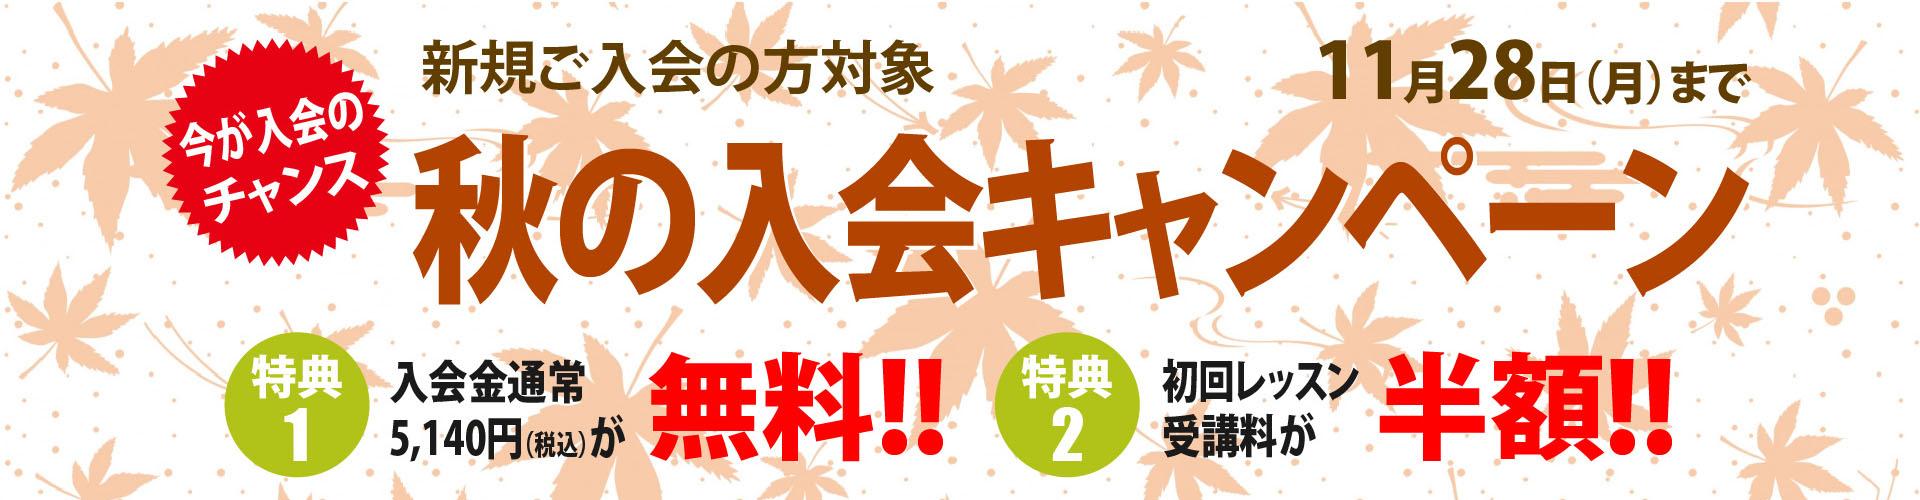 「秋の入会キャンペーン」を開催中です!